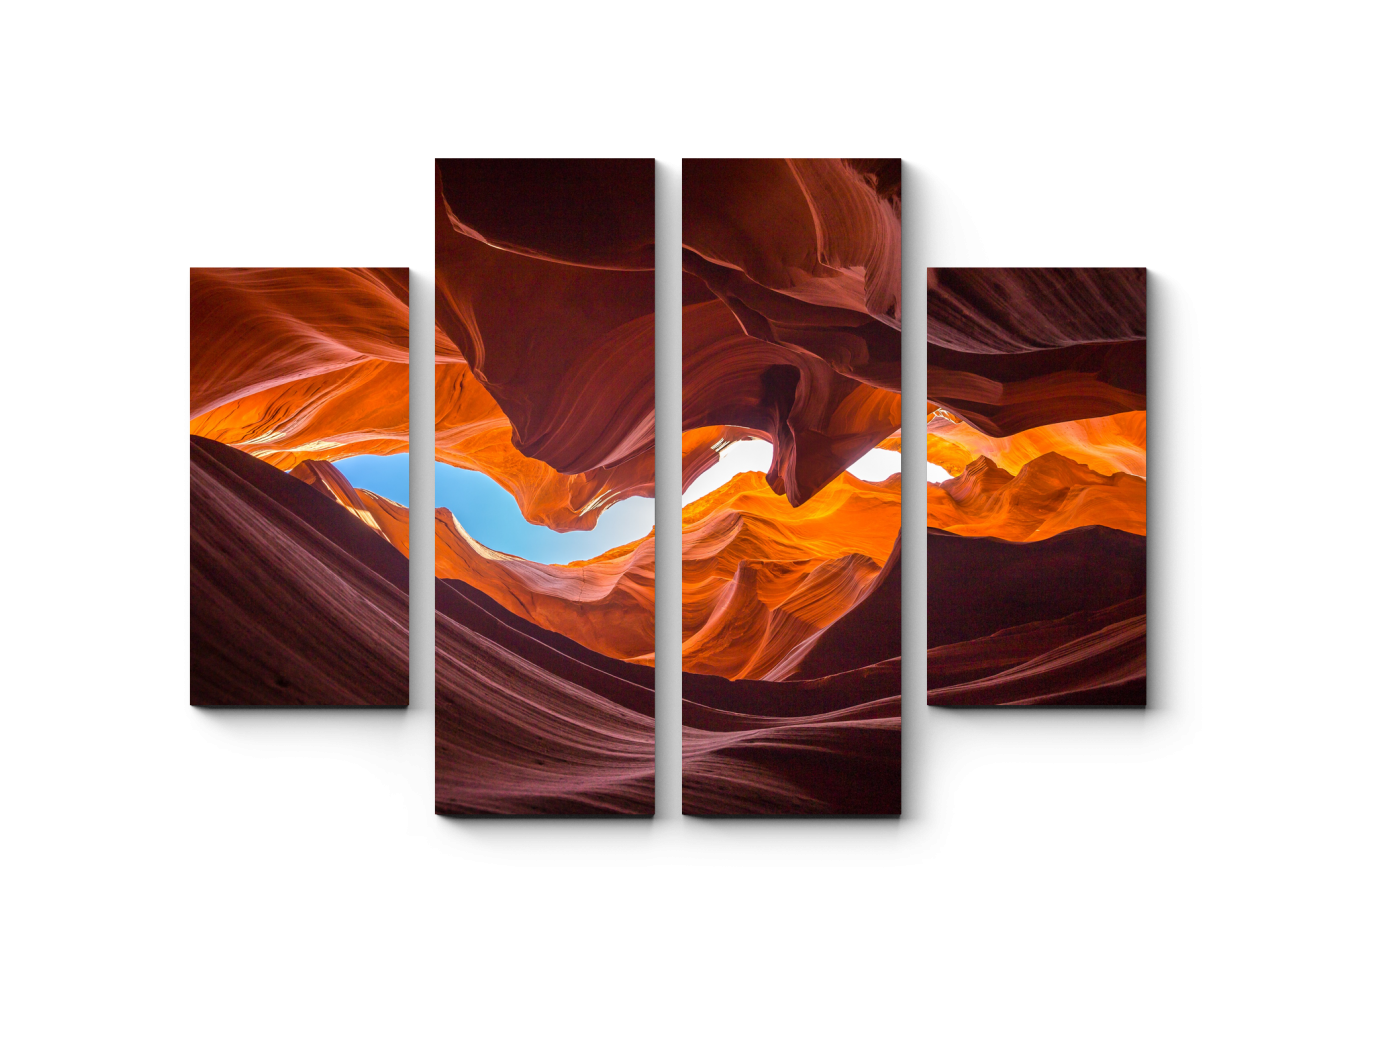 Модульная картина Искусство природы (80x60) фото